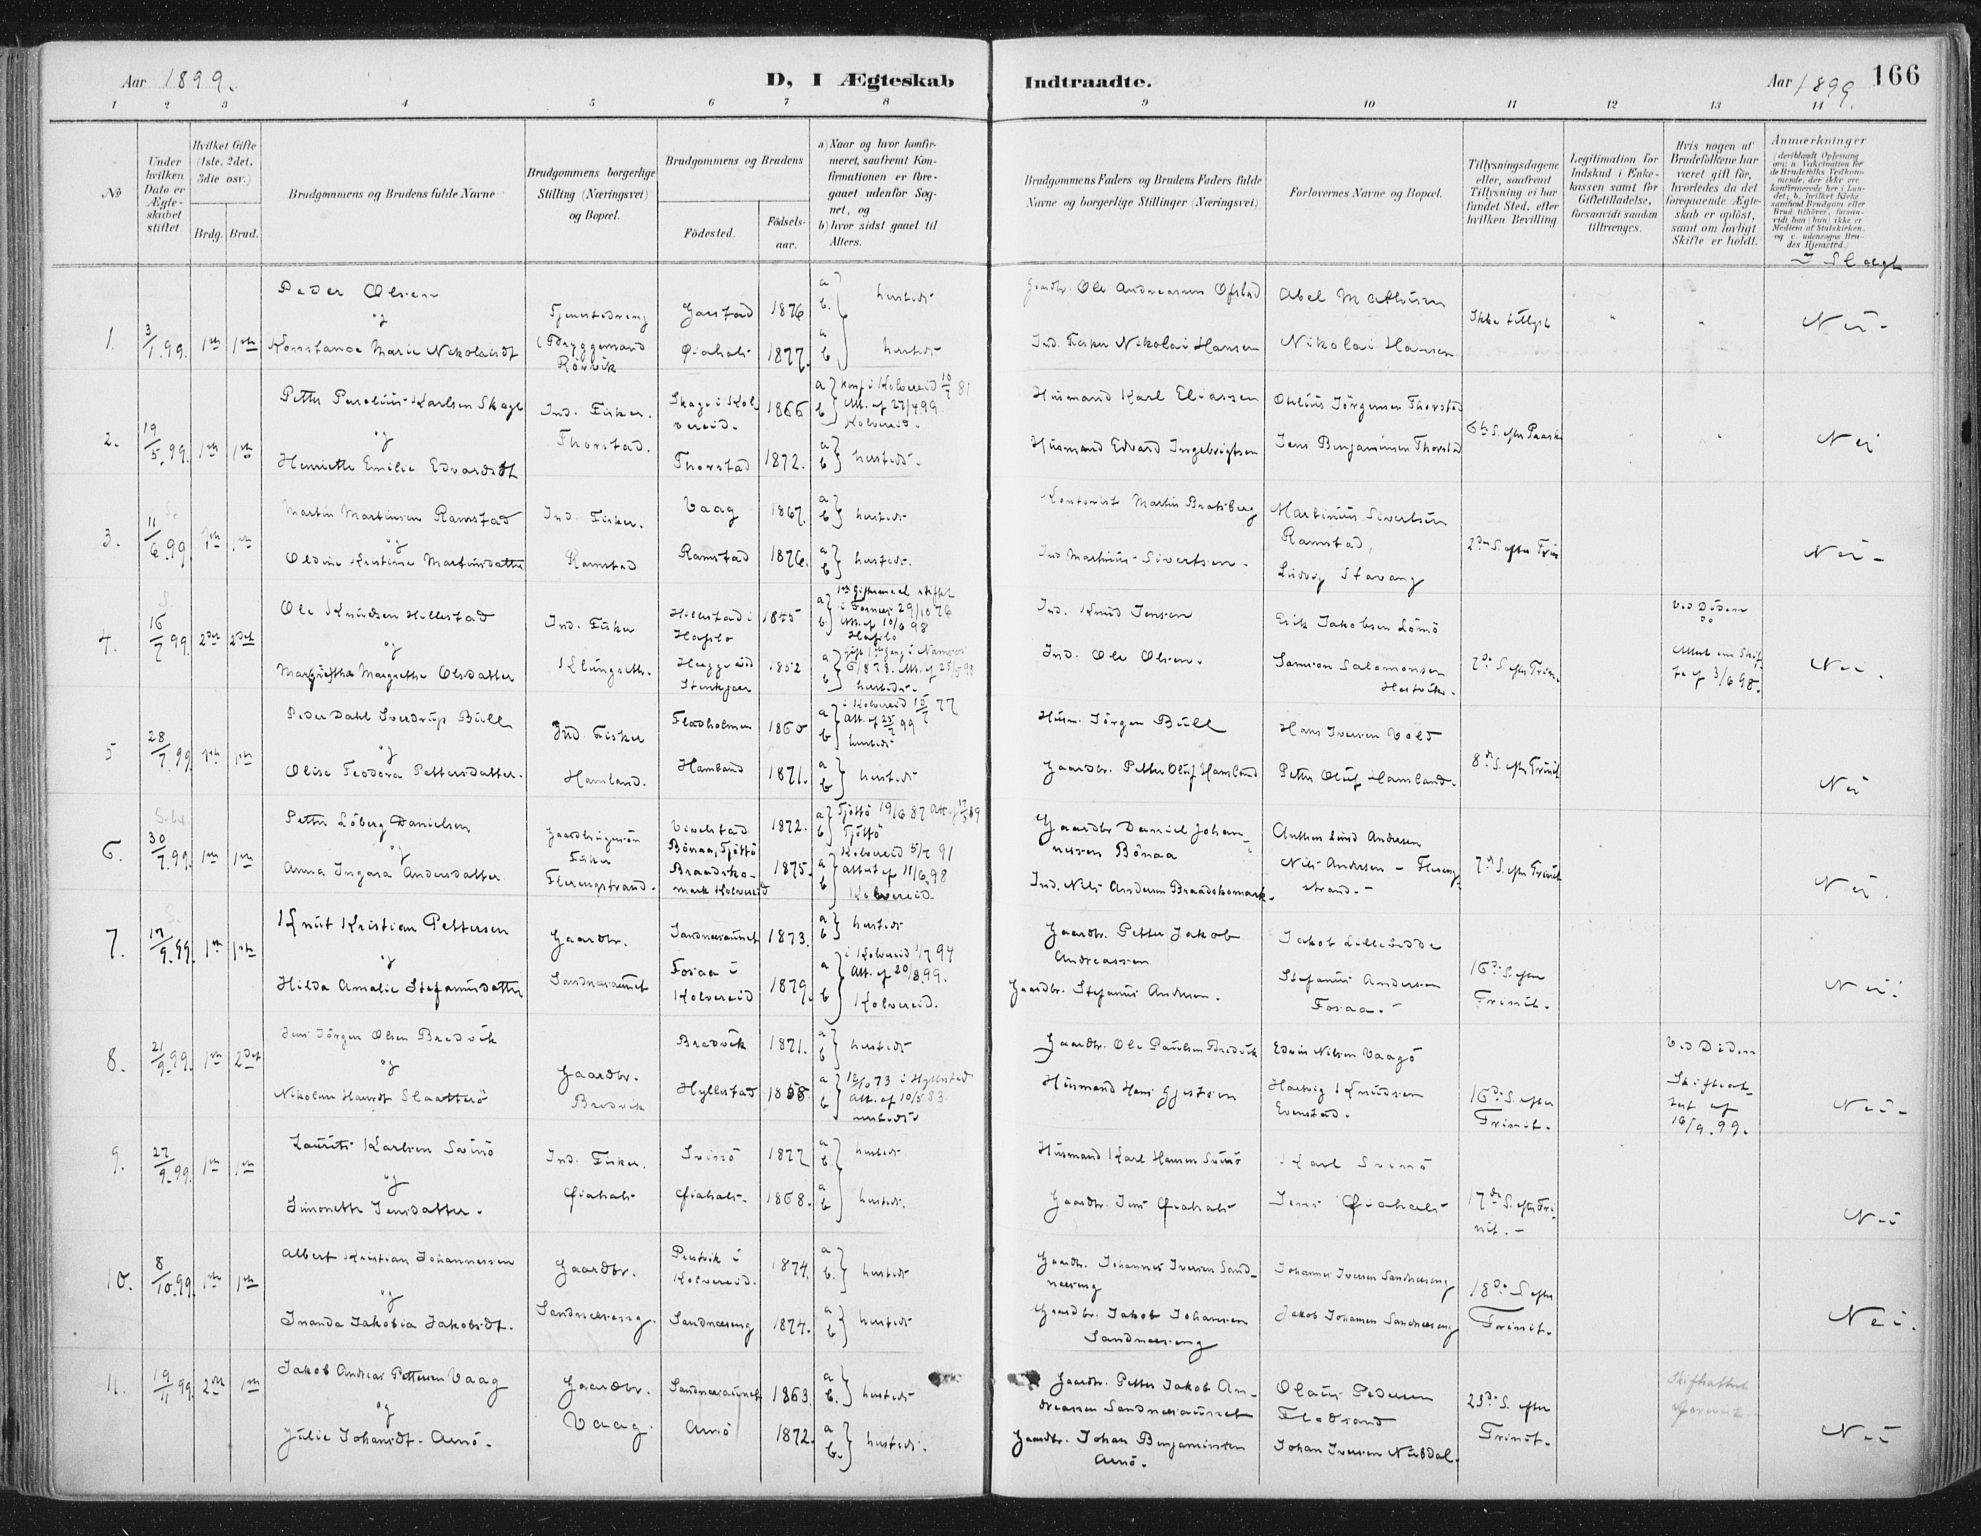 SAT, Ministerialprotokoller, klokkerbøker og fødselsregistre - Nord-Trøndelag, 784/L0673: Ministerialbok nr. 784A08, 1888-1899, s. 166